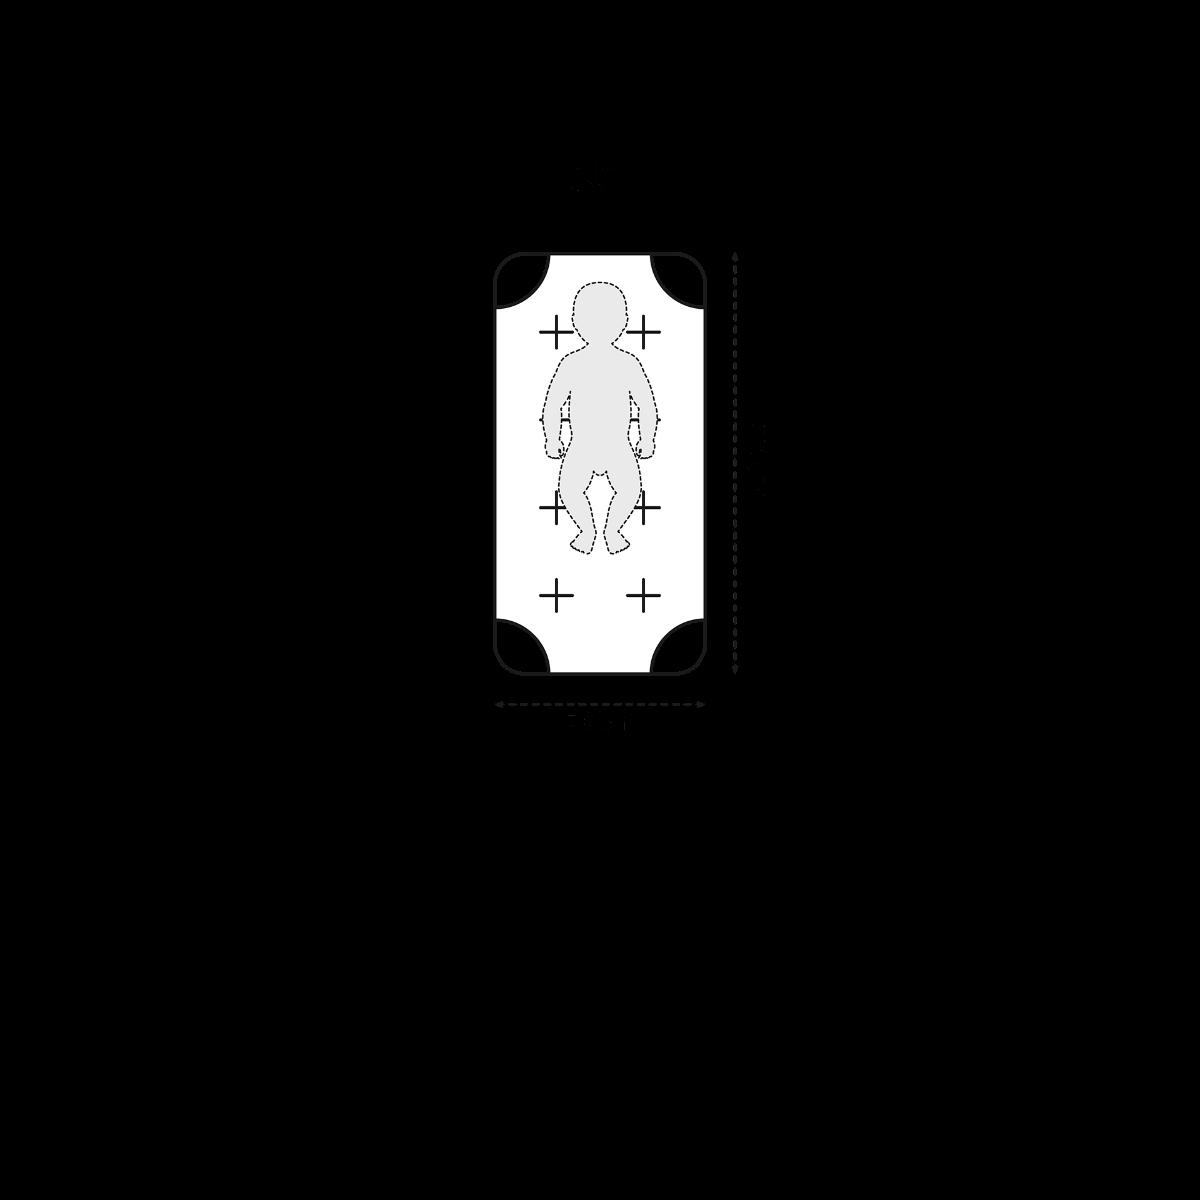 Cot Mattress Protector Dimensions